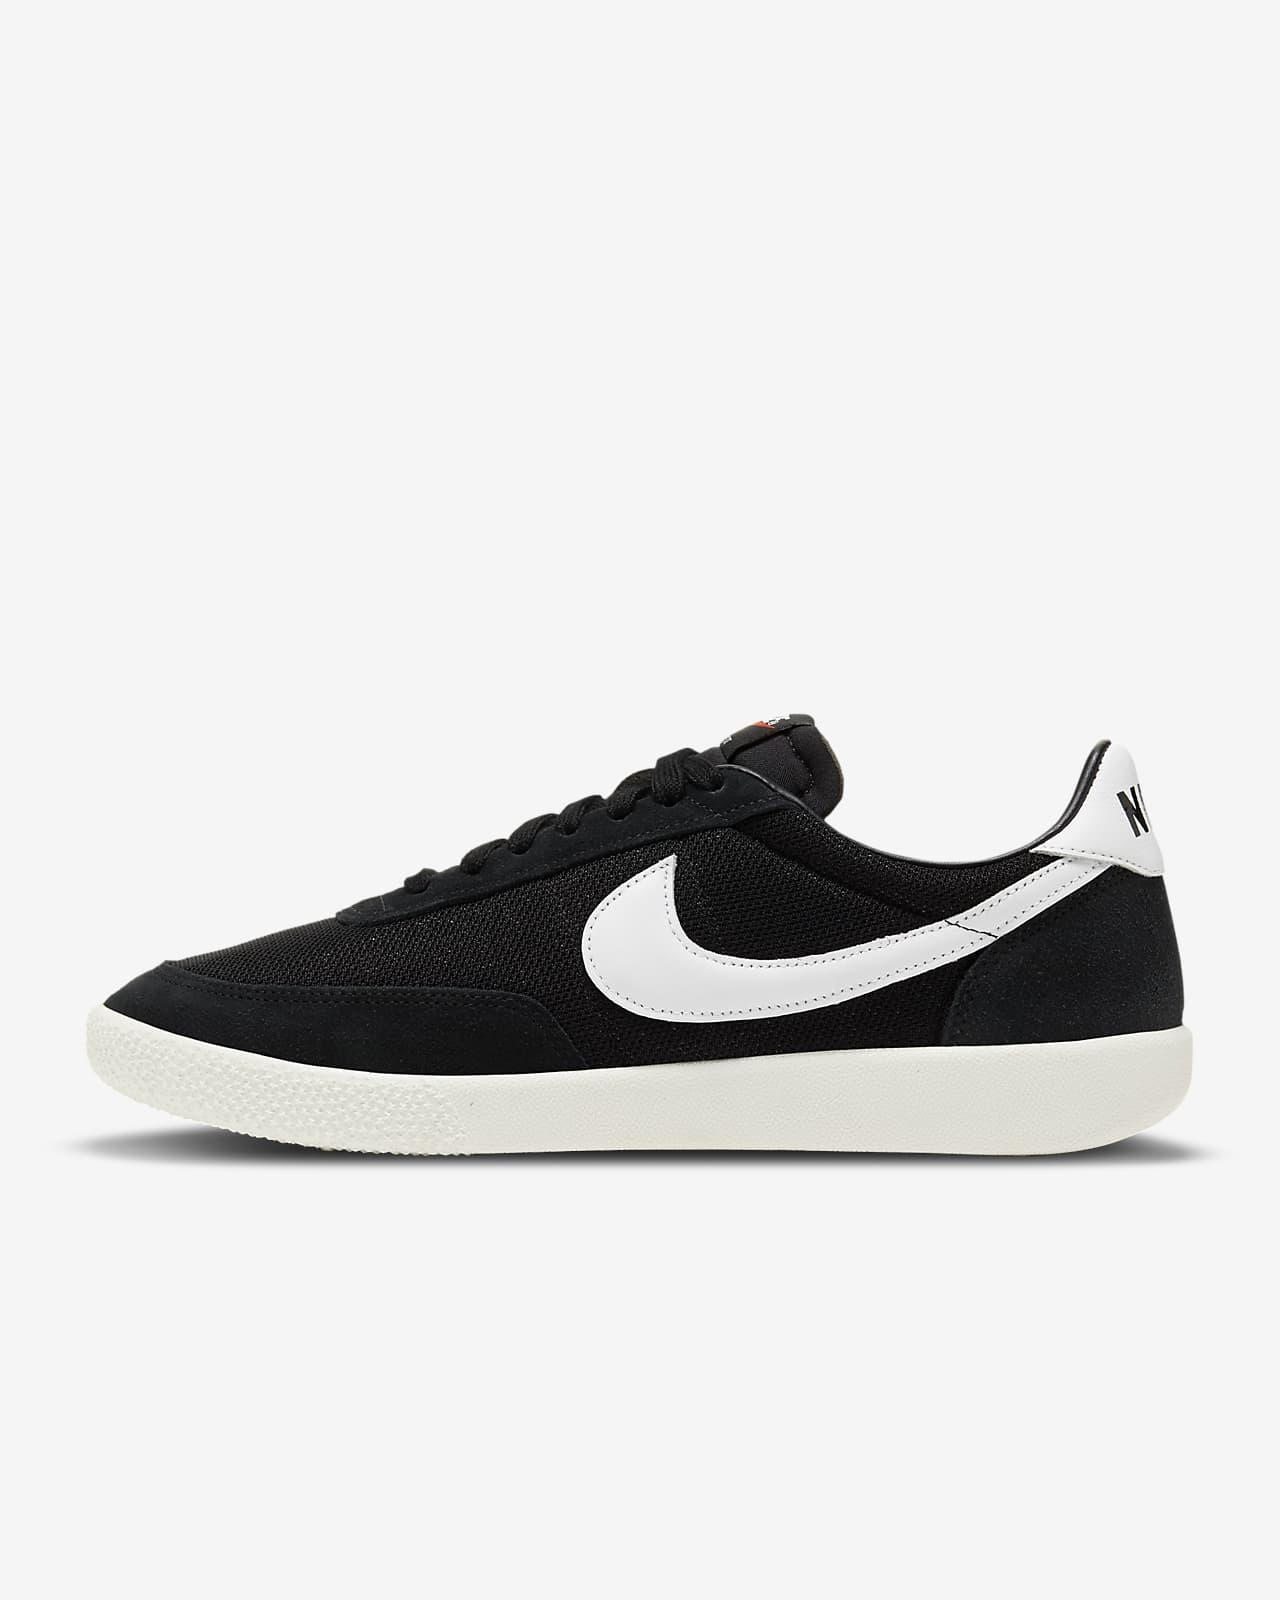 Nike Killshot OG Men's Shoe